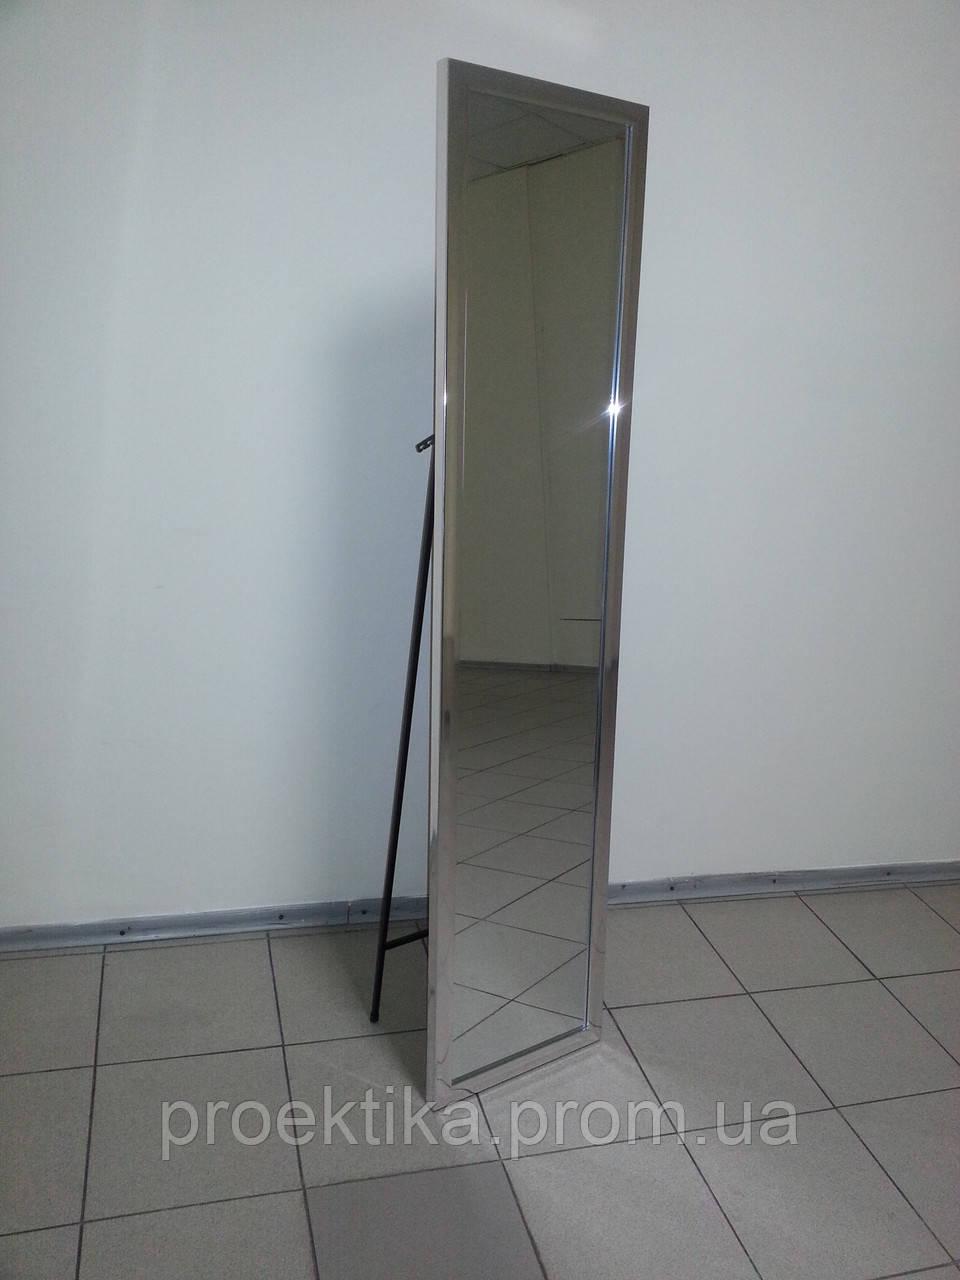 Зеркало напольное универсальное